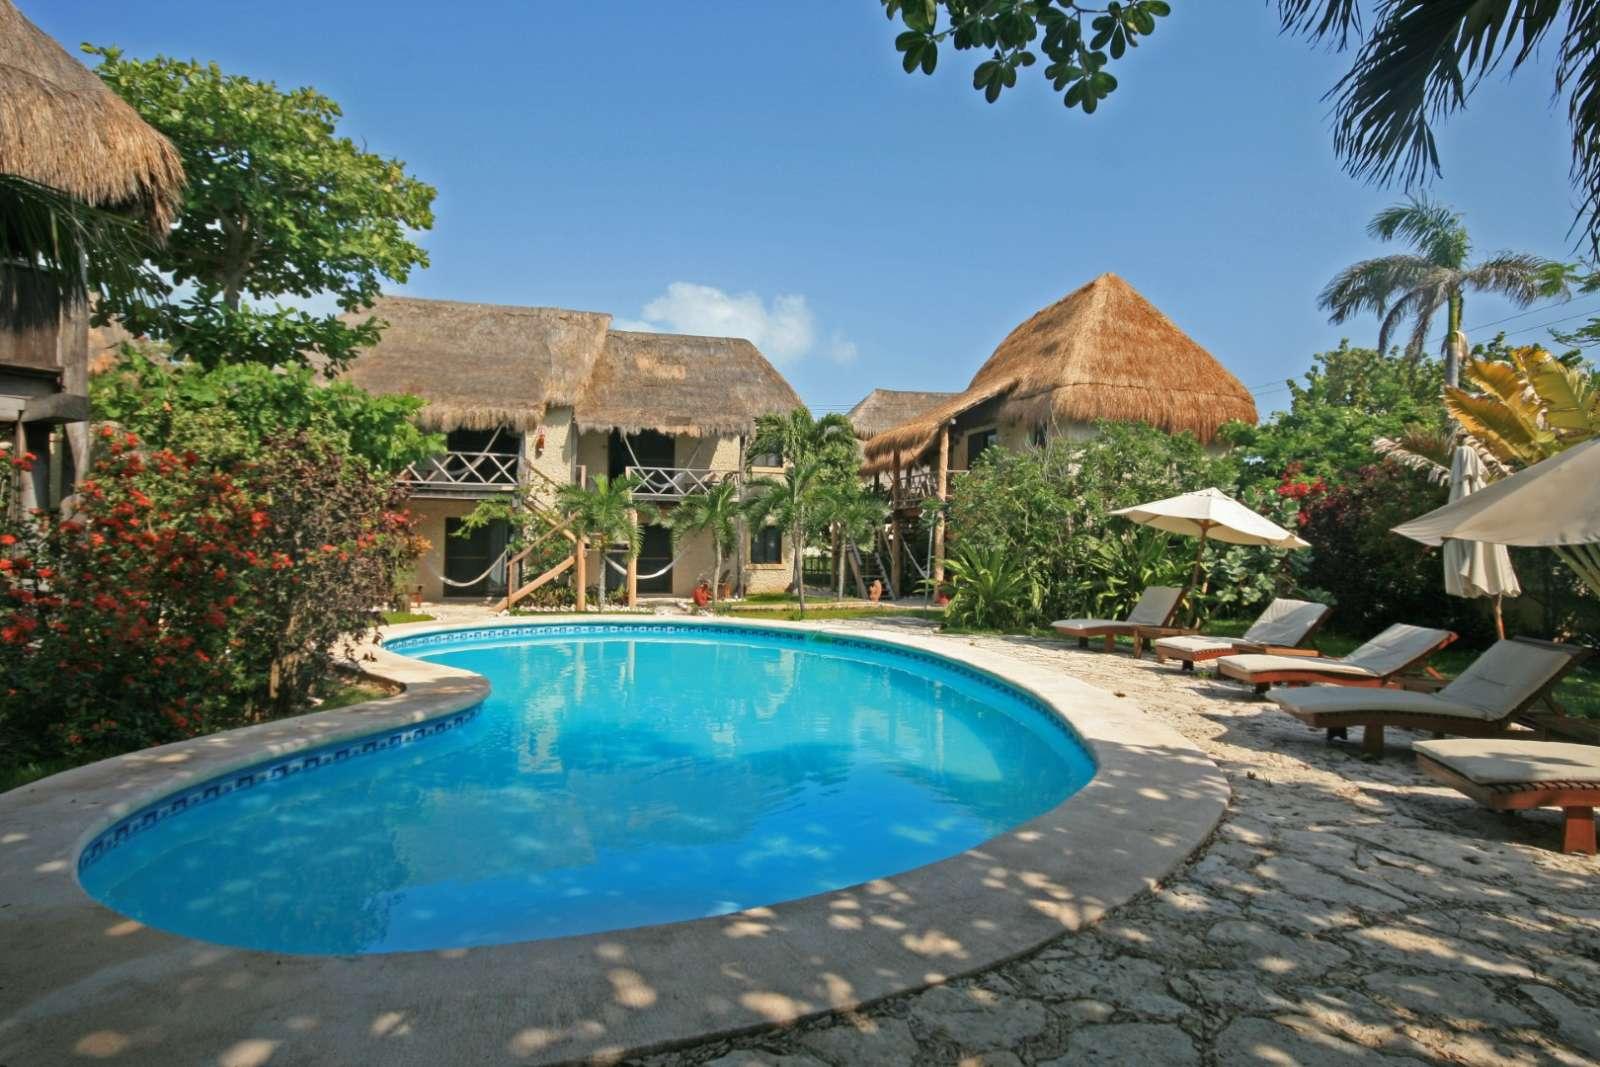 Pool at Na Balam on Isla Mujeres